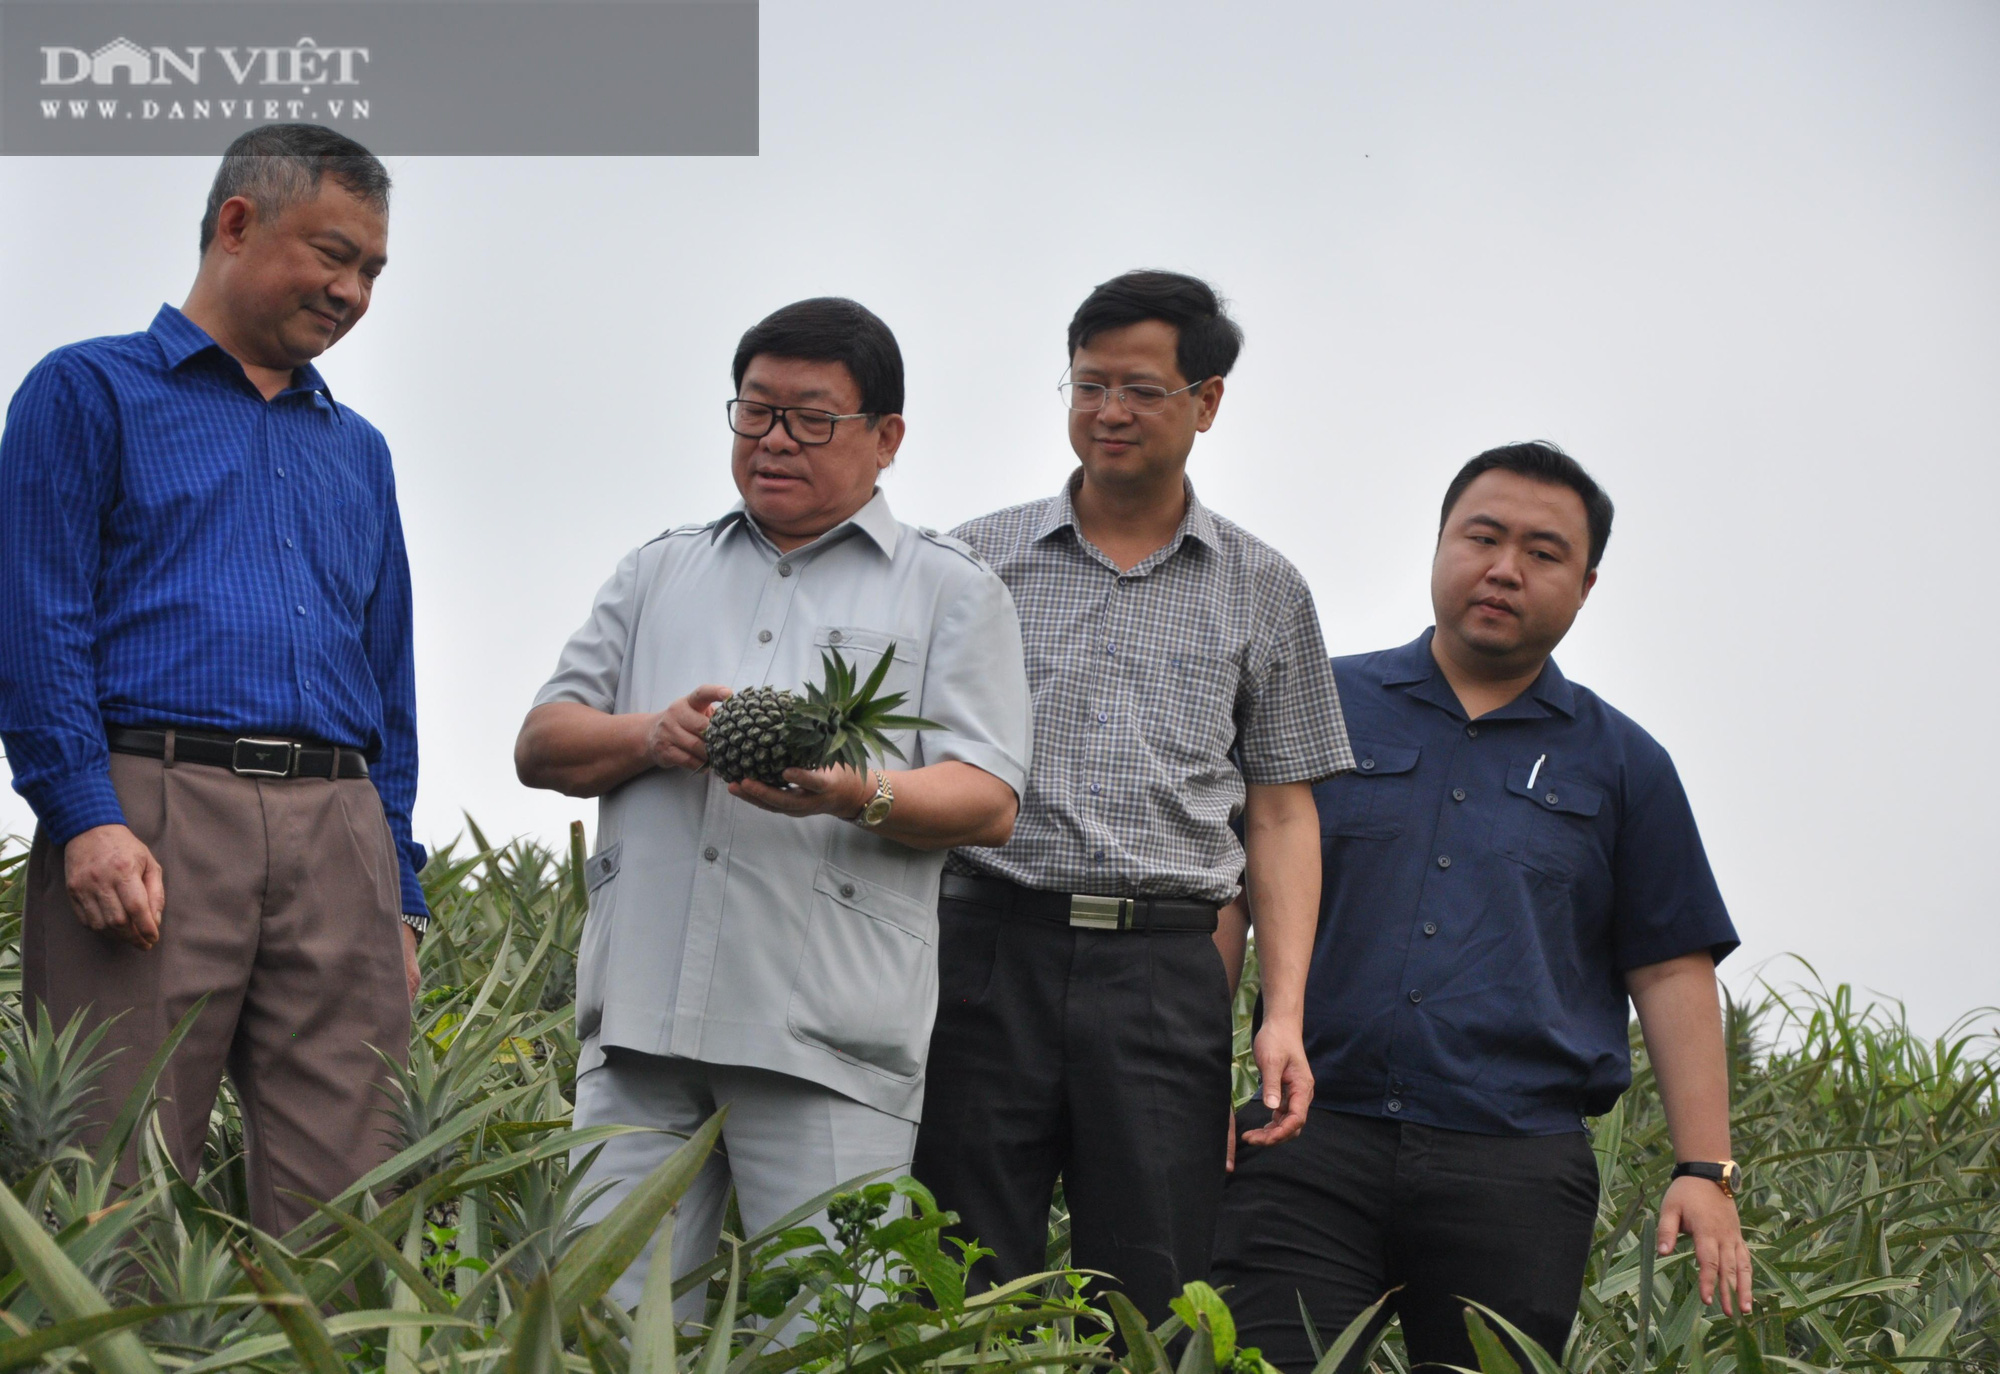 Chủ tịch Hội Nông dân Việt Nam thăm nhà máy chế biến rau quả xuất khẩu lớn ở huyện biến giới - Ảnh 1.